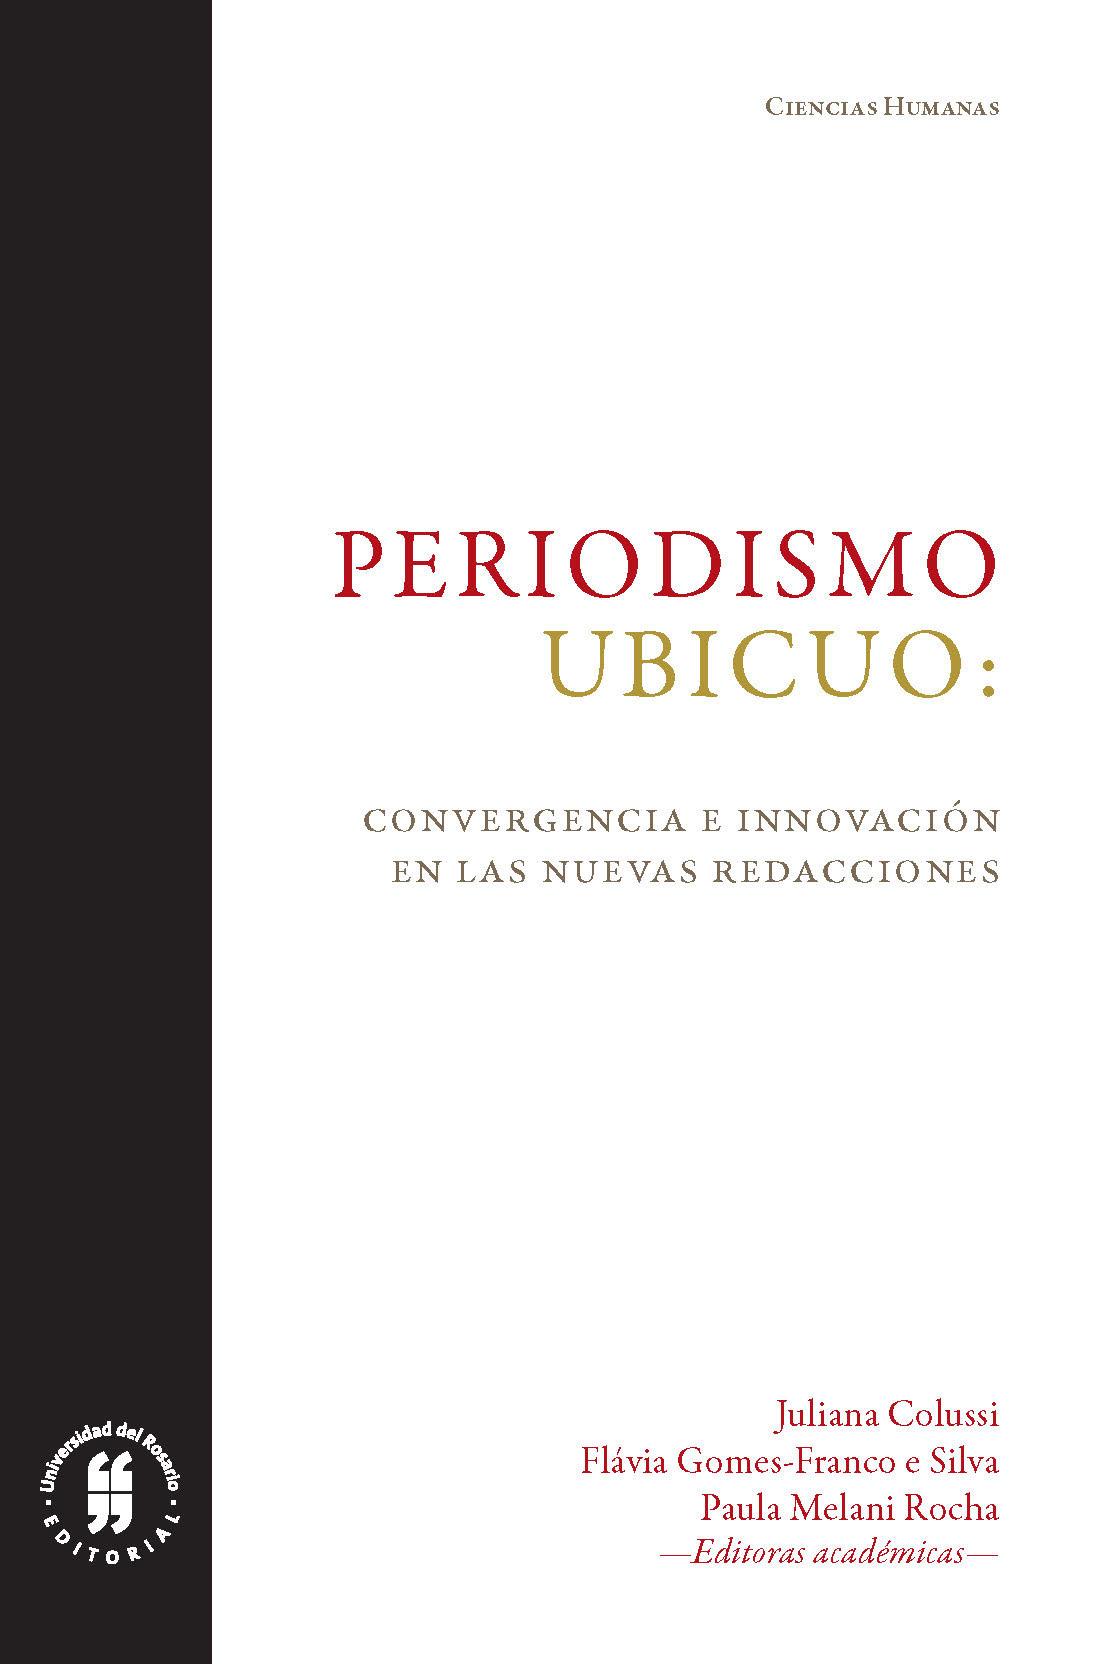 Periodismo ubicuo: convergencia e innovación en las nuevas redacciones